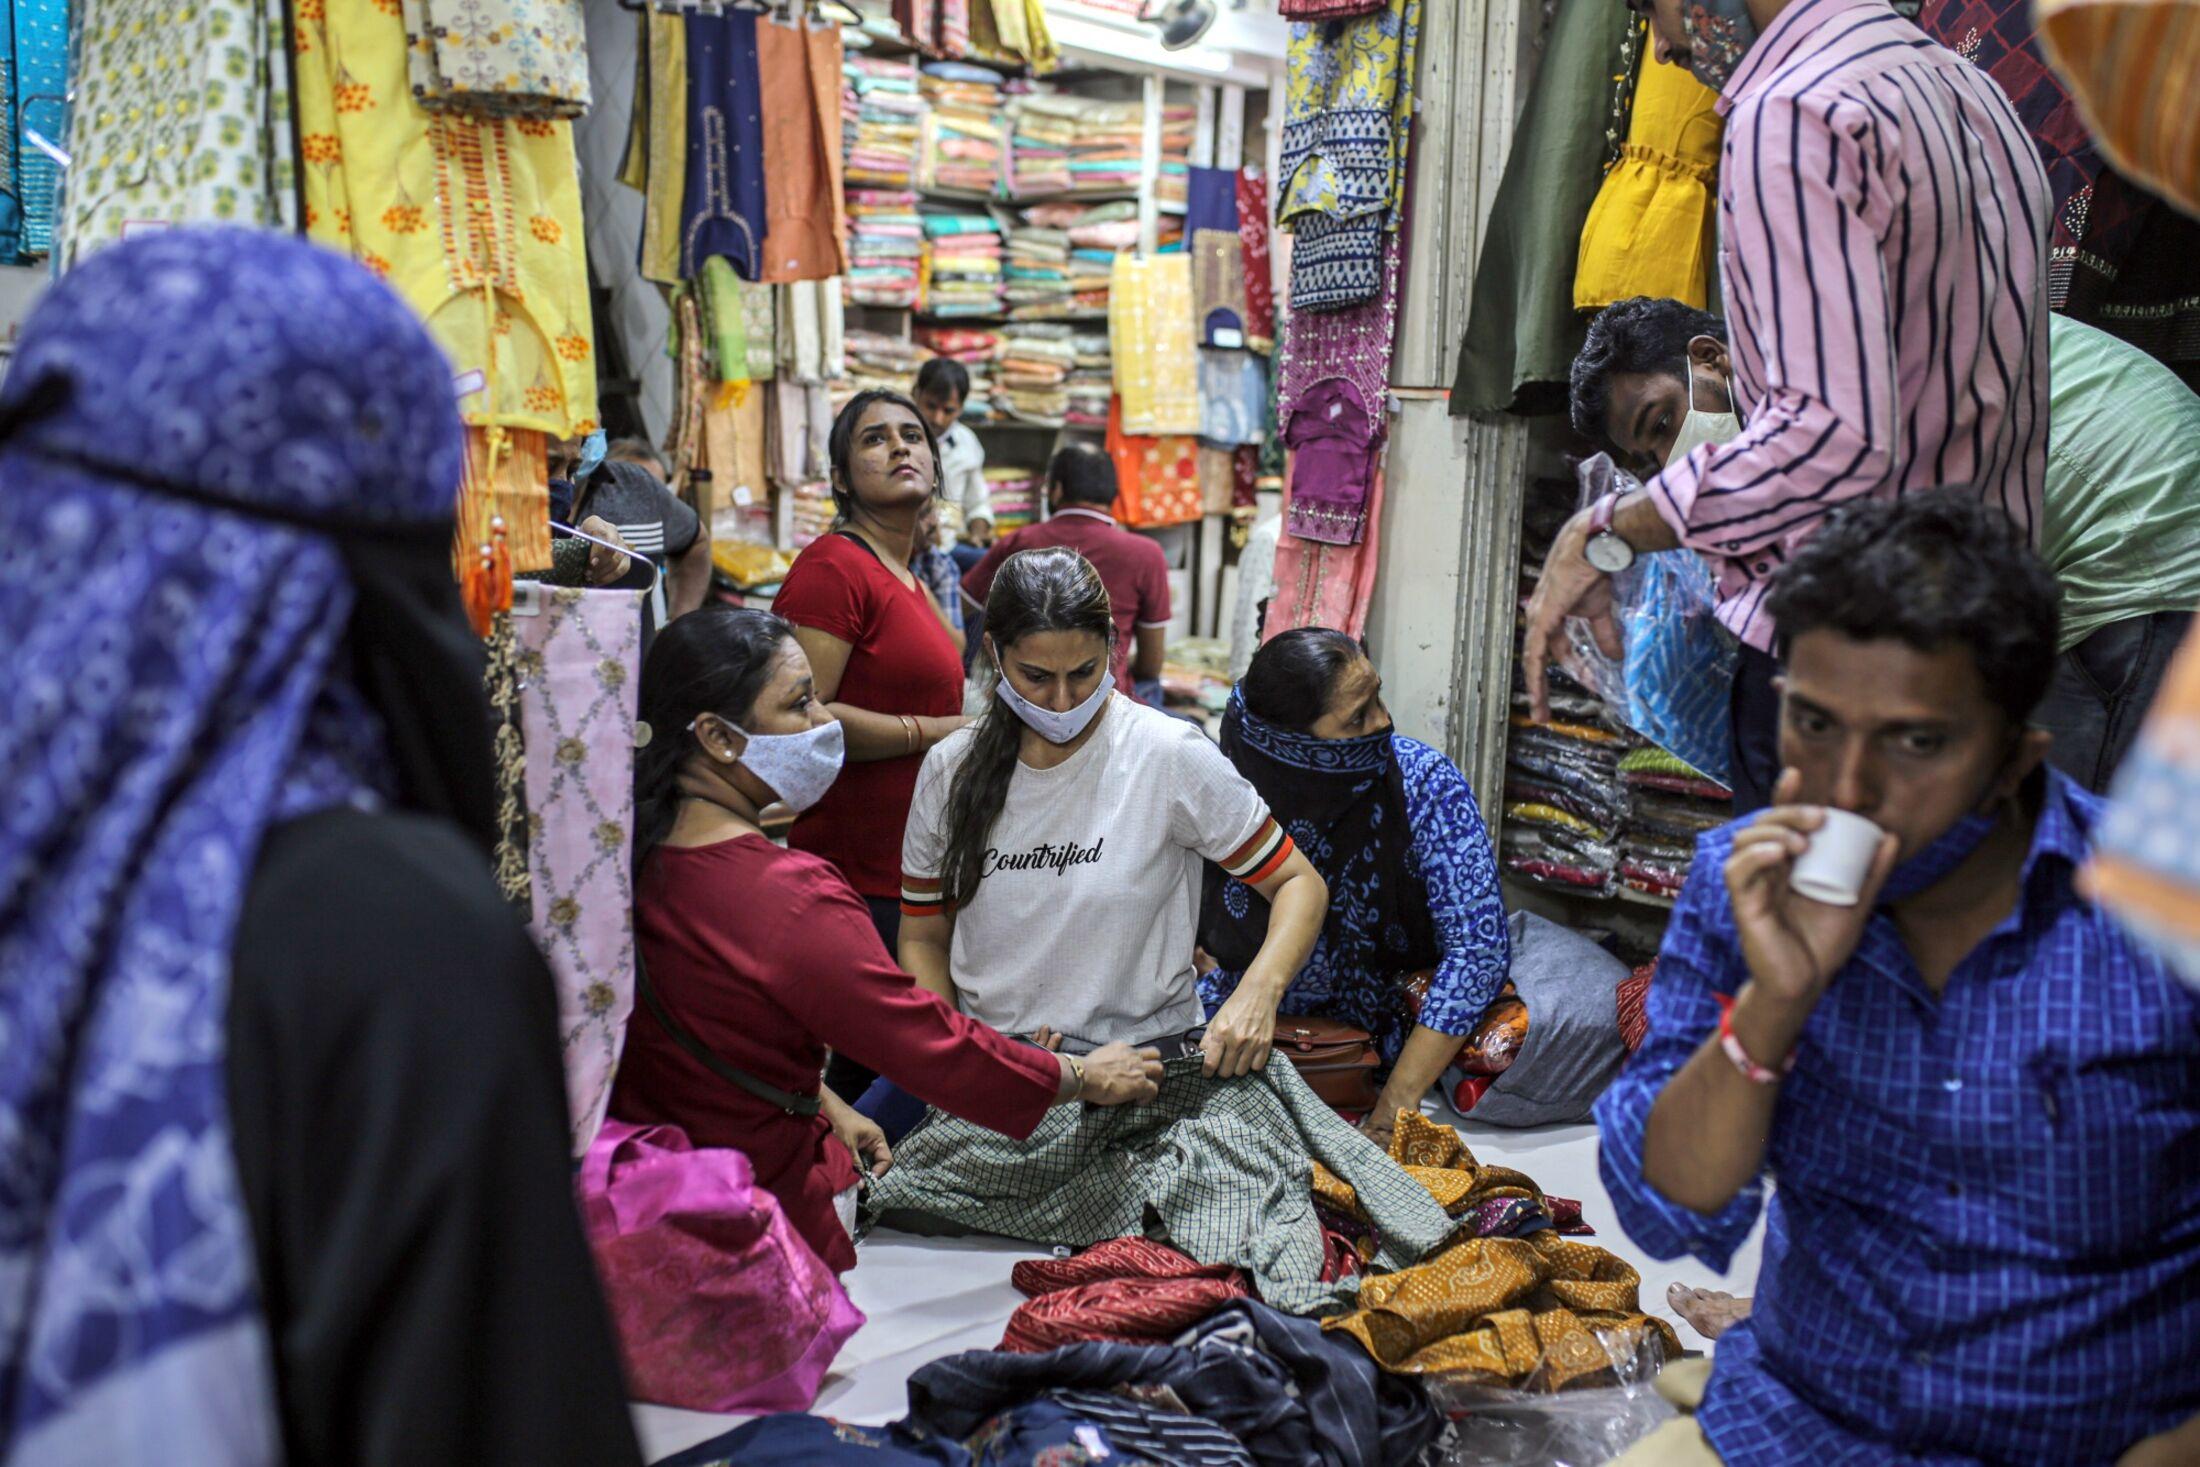 【コロナ】インドでコロナ新規感染急減の謎−生活ほぼ正常化、商店にぎわう